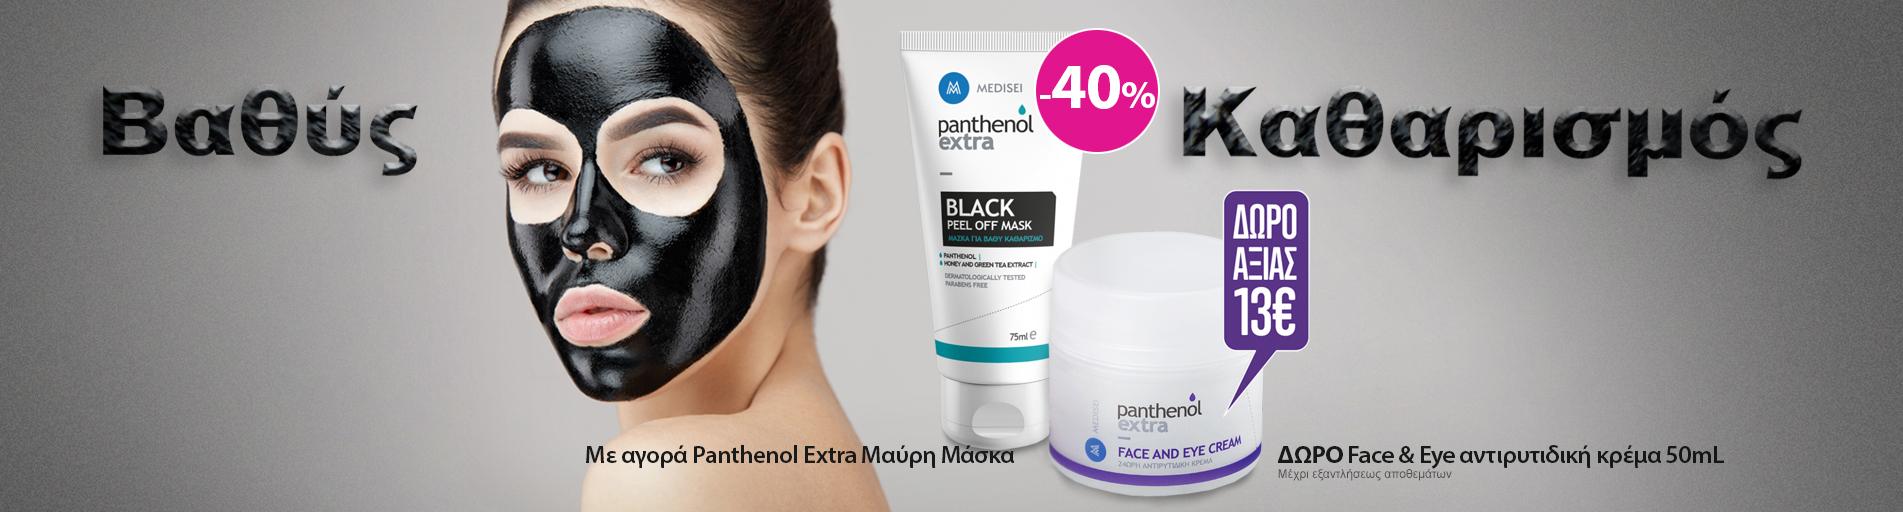 Panthenol black mask banner1903